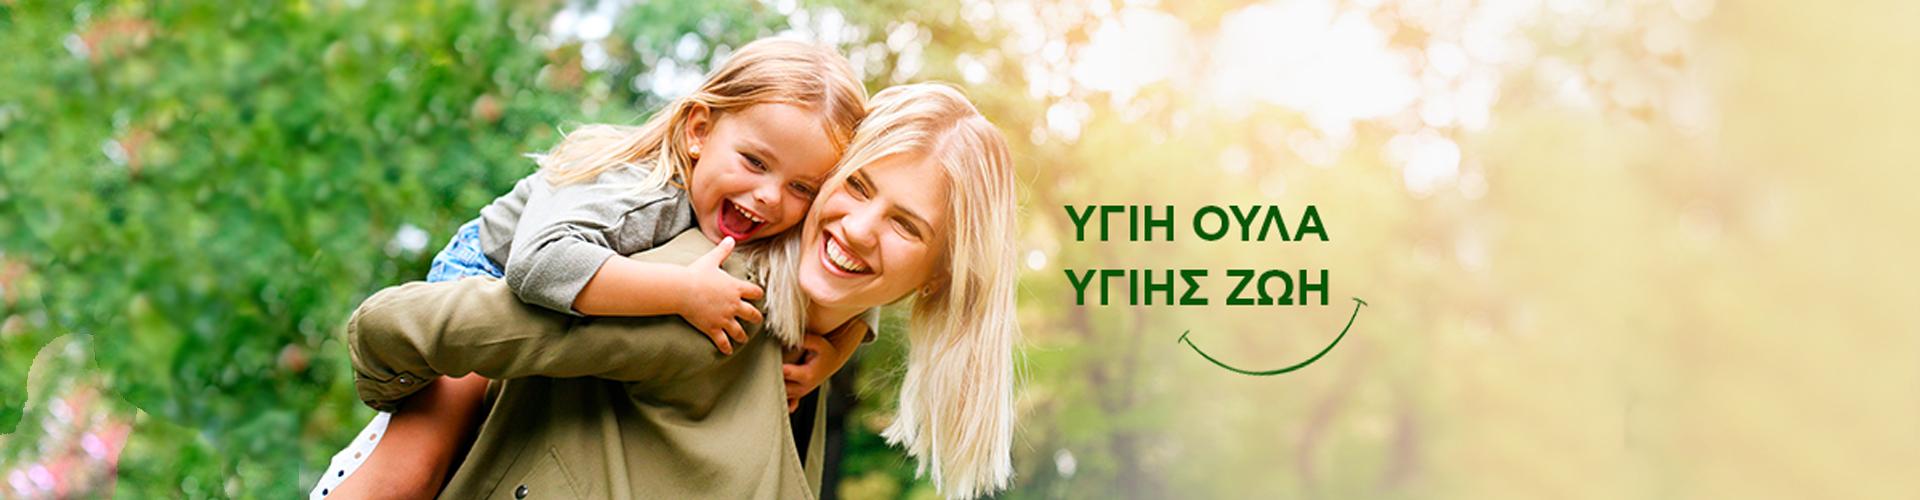 ΣΤΟΜΑΤΙΚΗ ΥΓΙΕΙΝΗ με έκπτωση έως και 30% | Pharmacy-shop